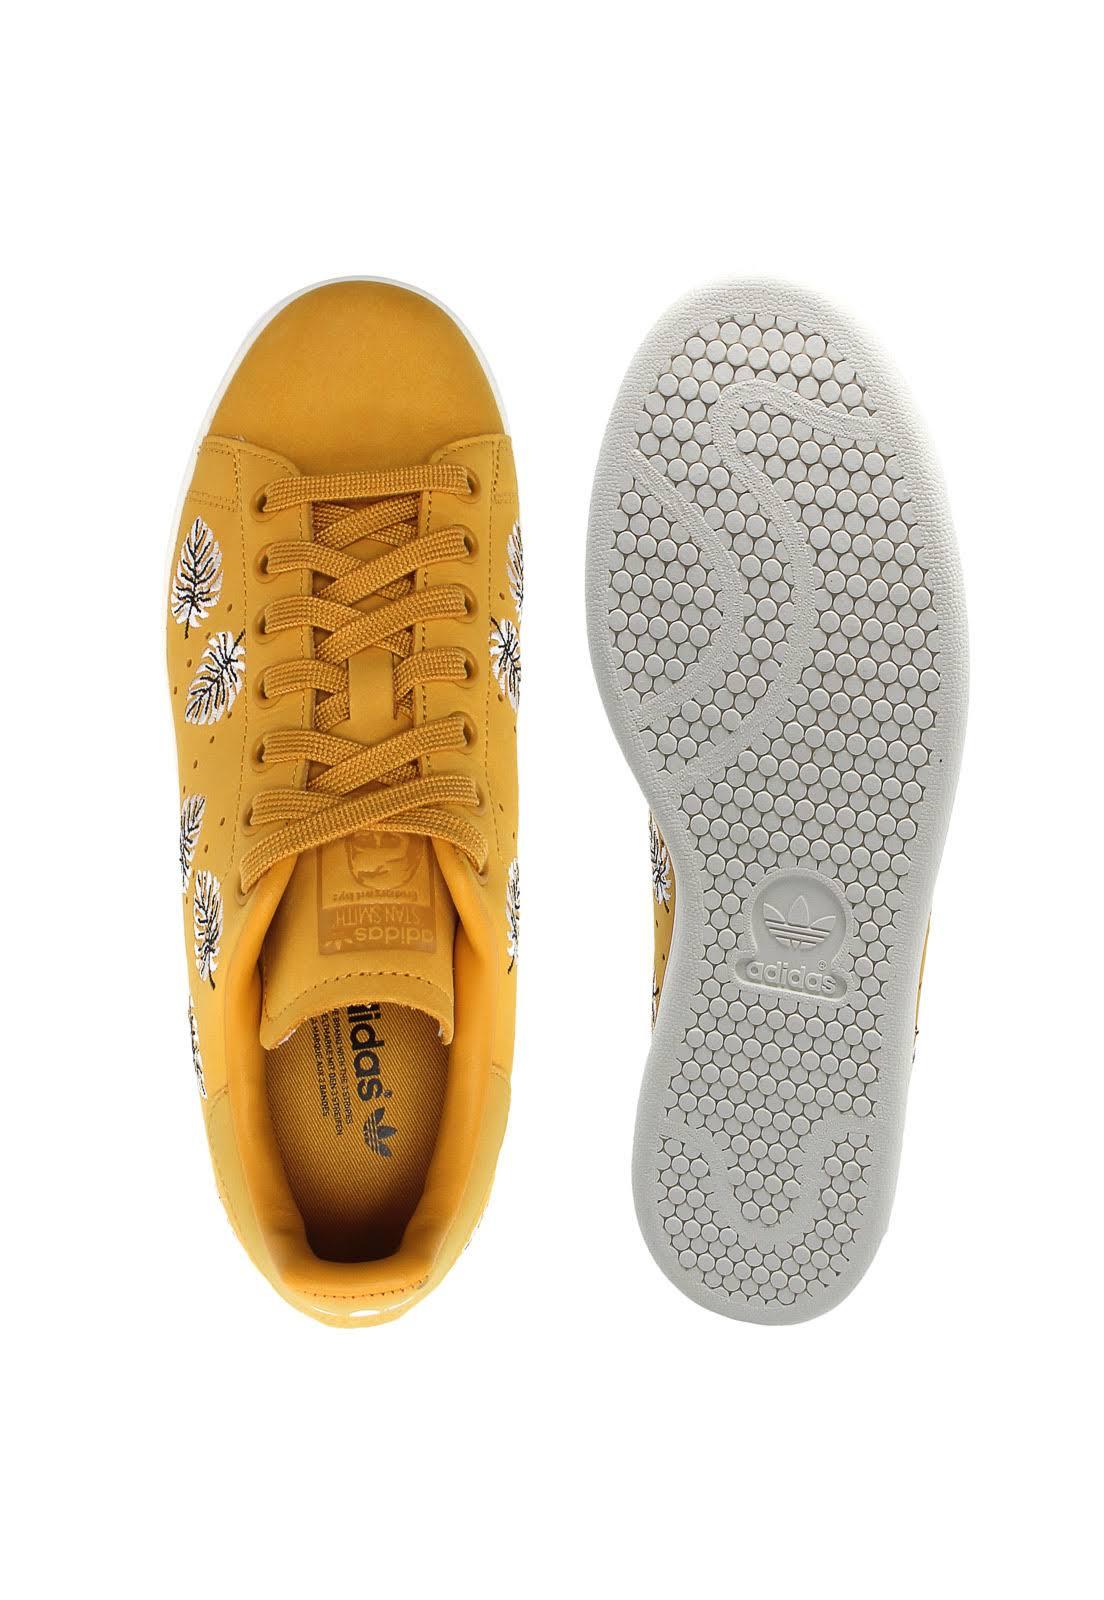 Donne Delle Vita Adidas Di Tennis Stan GoldenStile Smith EDYH2WI9